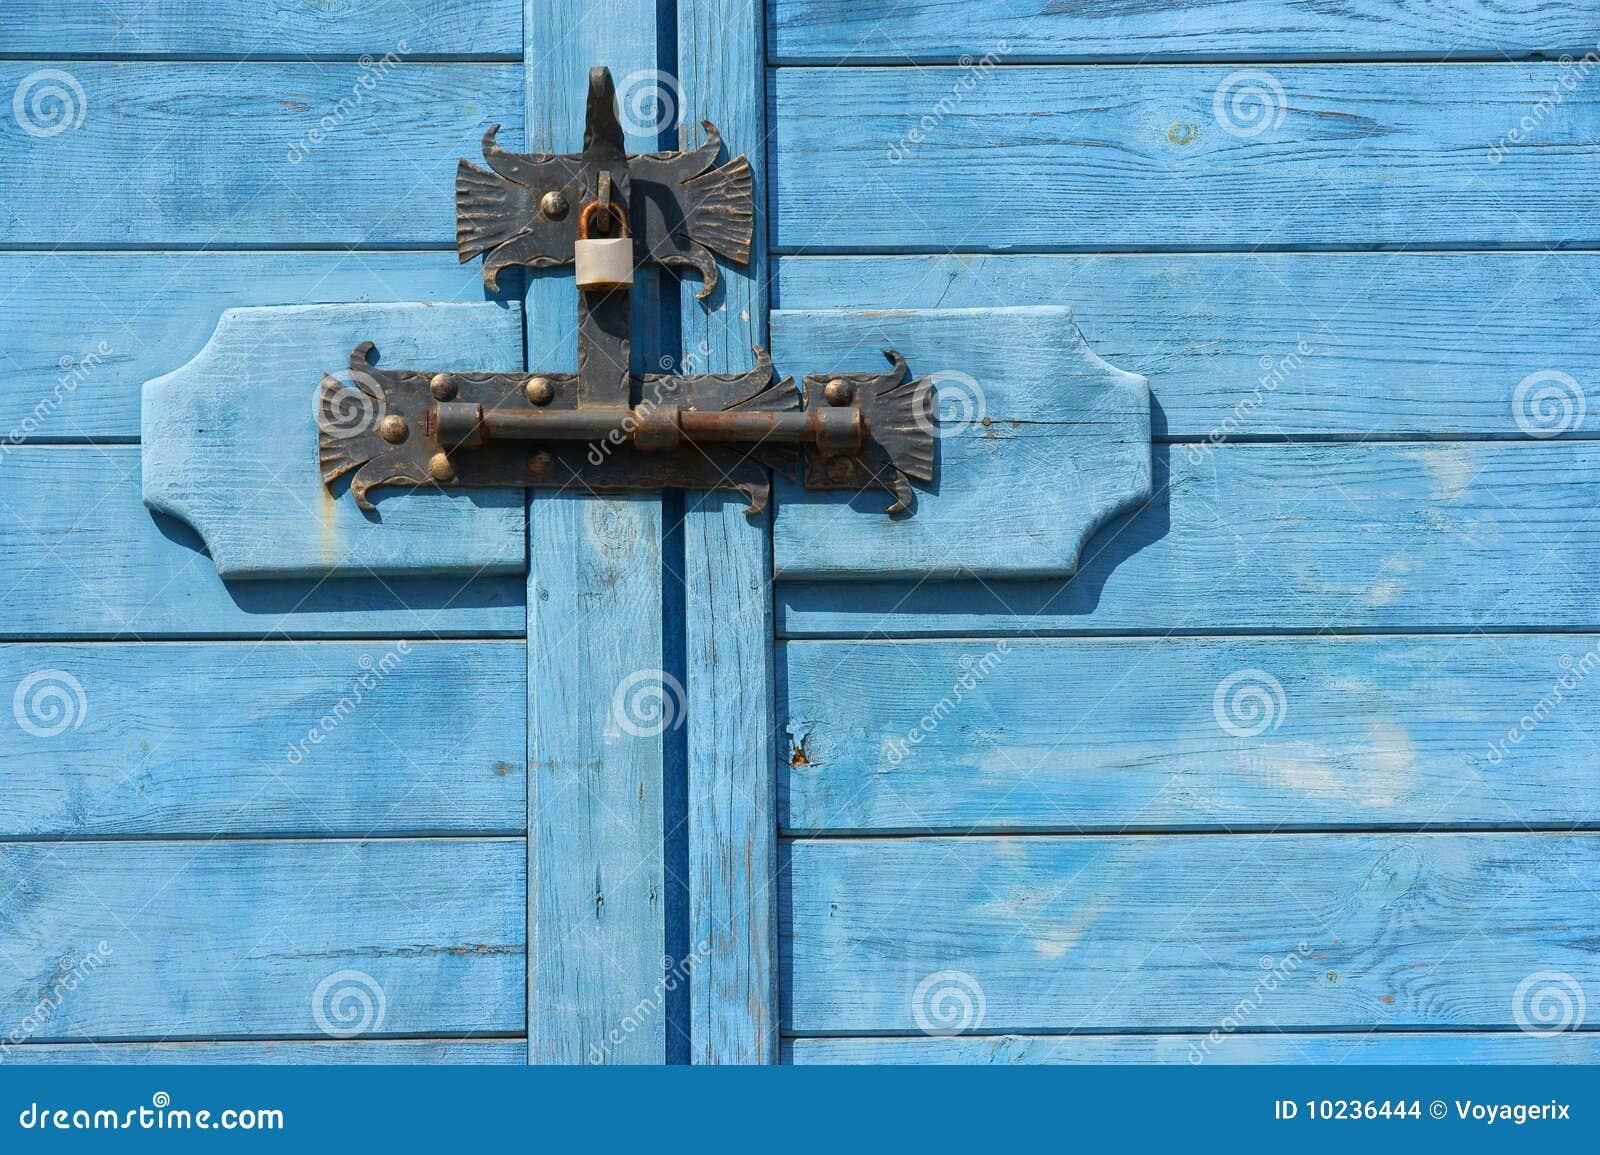 Geschlossene tür zeichnung  Verriegelte Geschlossene Tür - Verschlossen Stockbilder - Bild ...